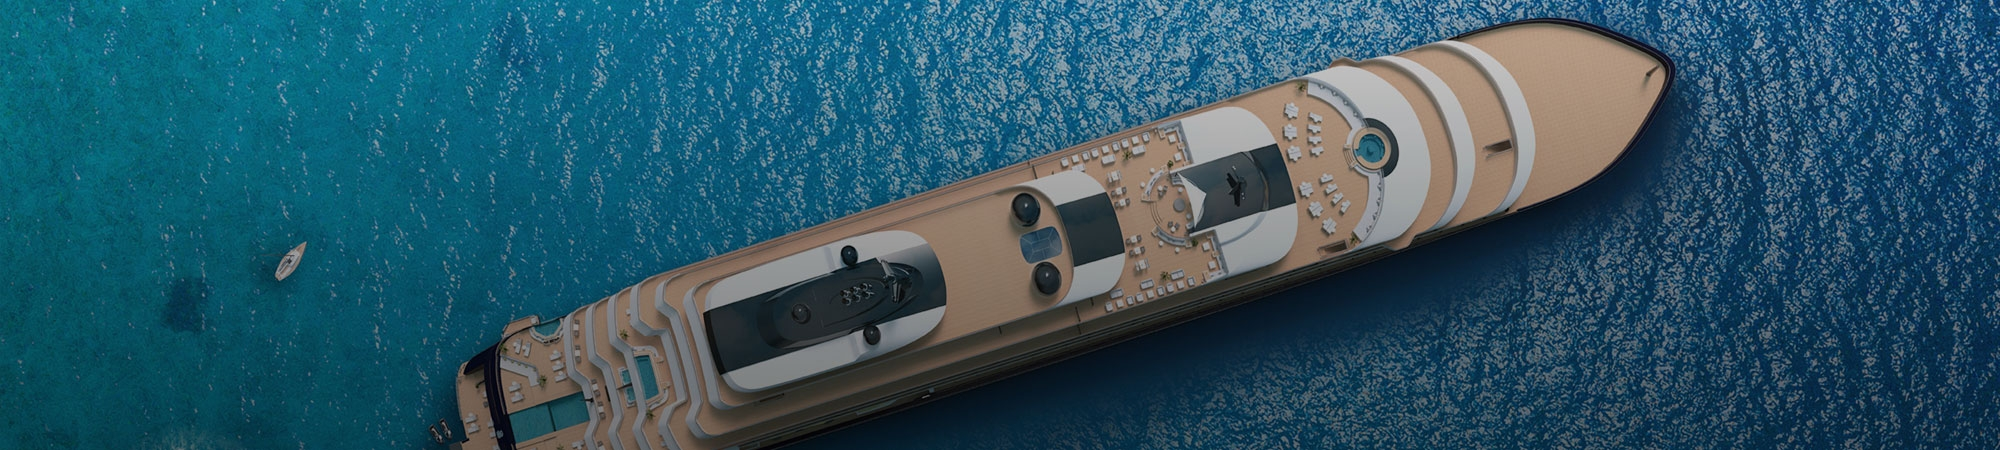 Ritz-Carlton Yacht Collection confirms construction of second ship